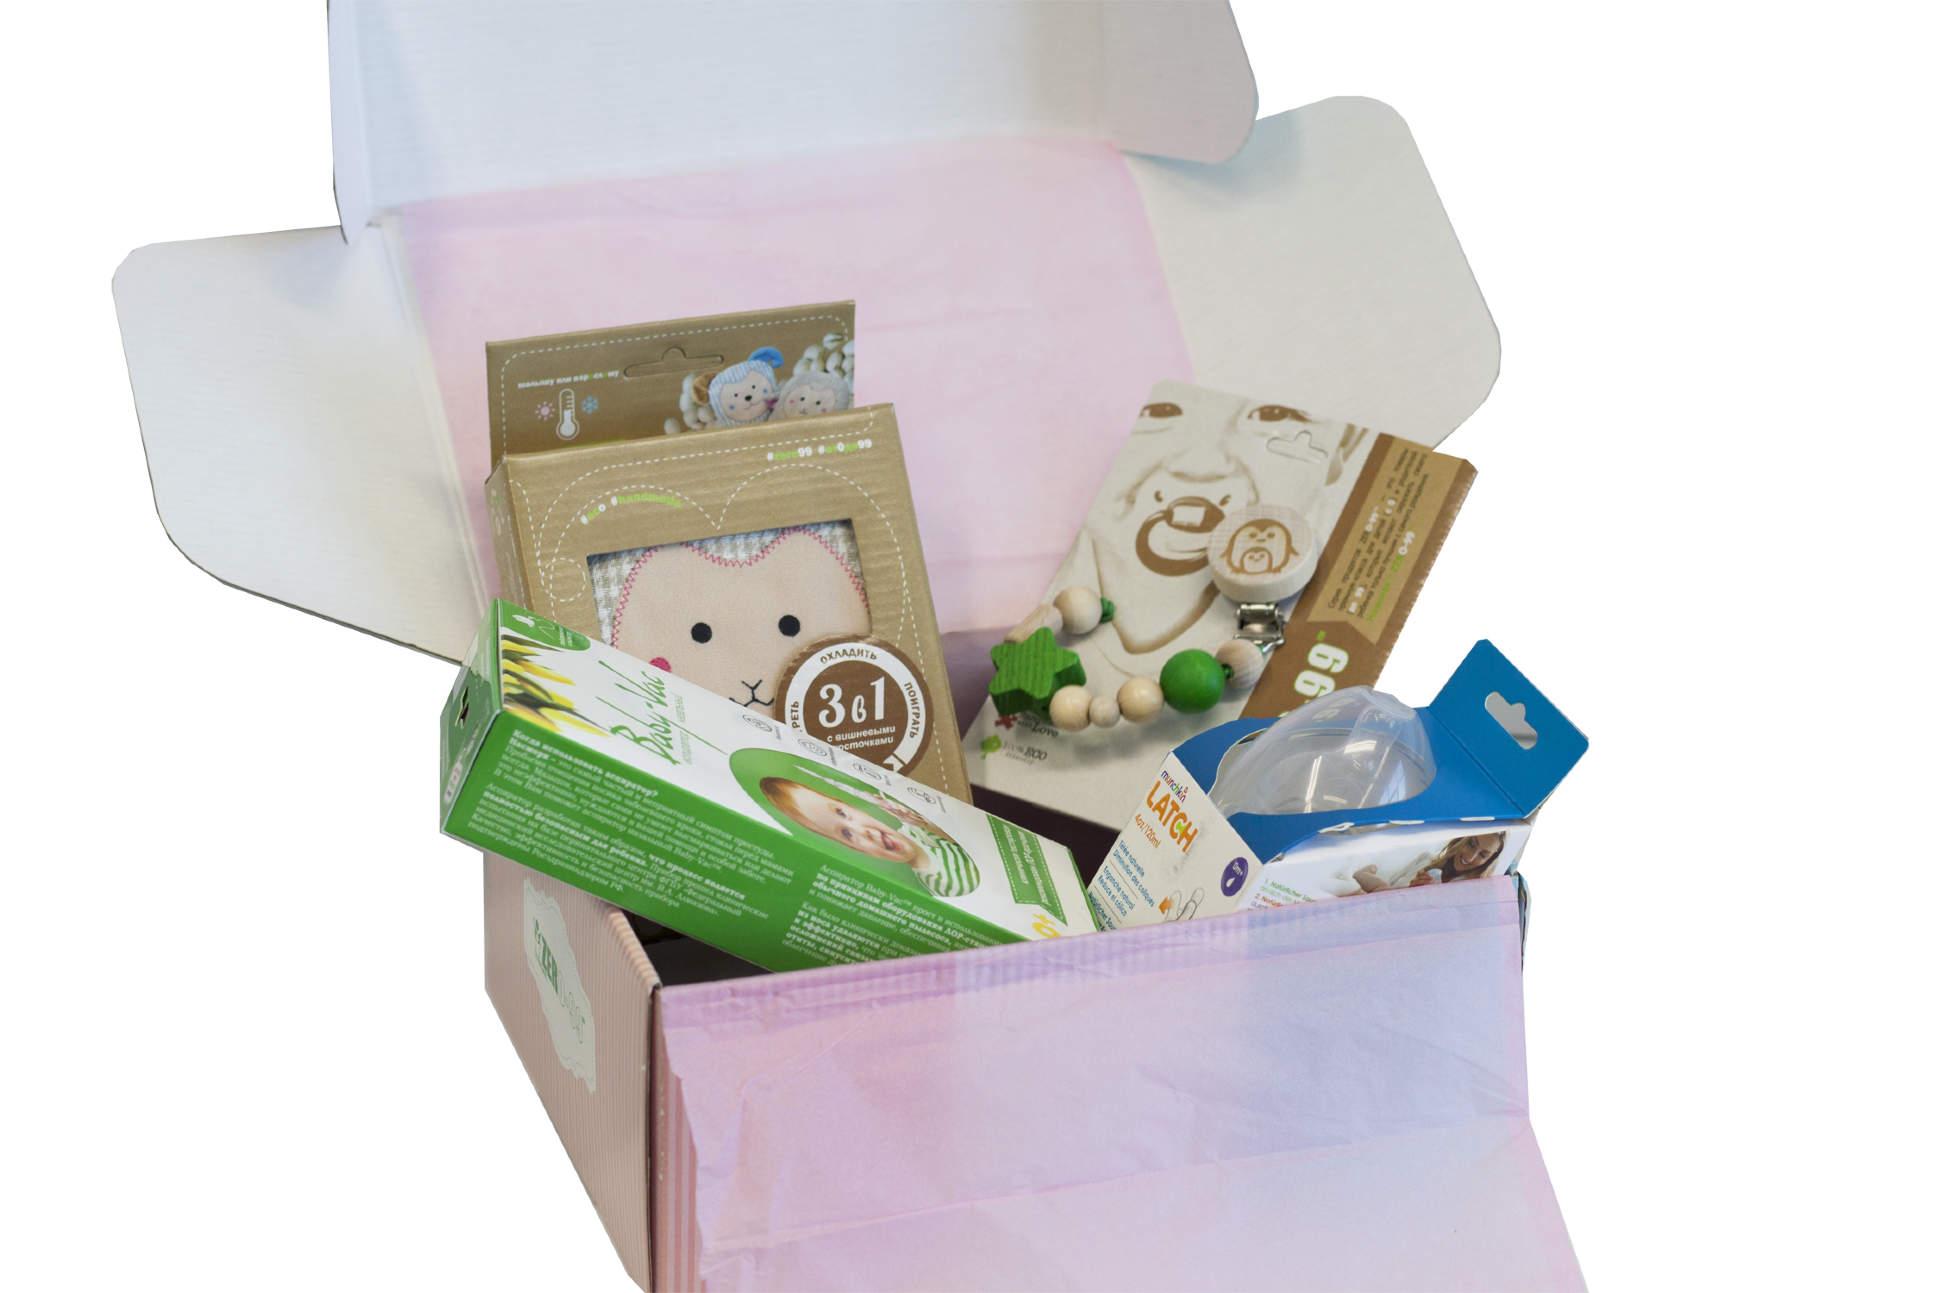 Купить Набор товаров для мальчика от 0-3 лет Kids-Box Standart New, 19400-4, Baby-Vac, Аспираторы